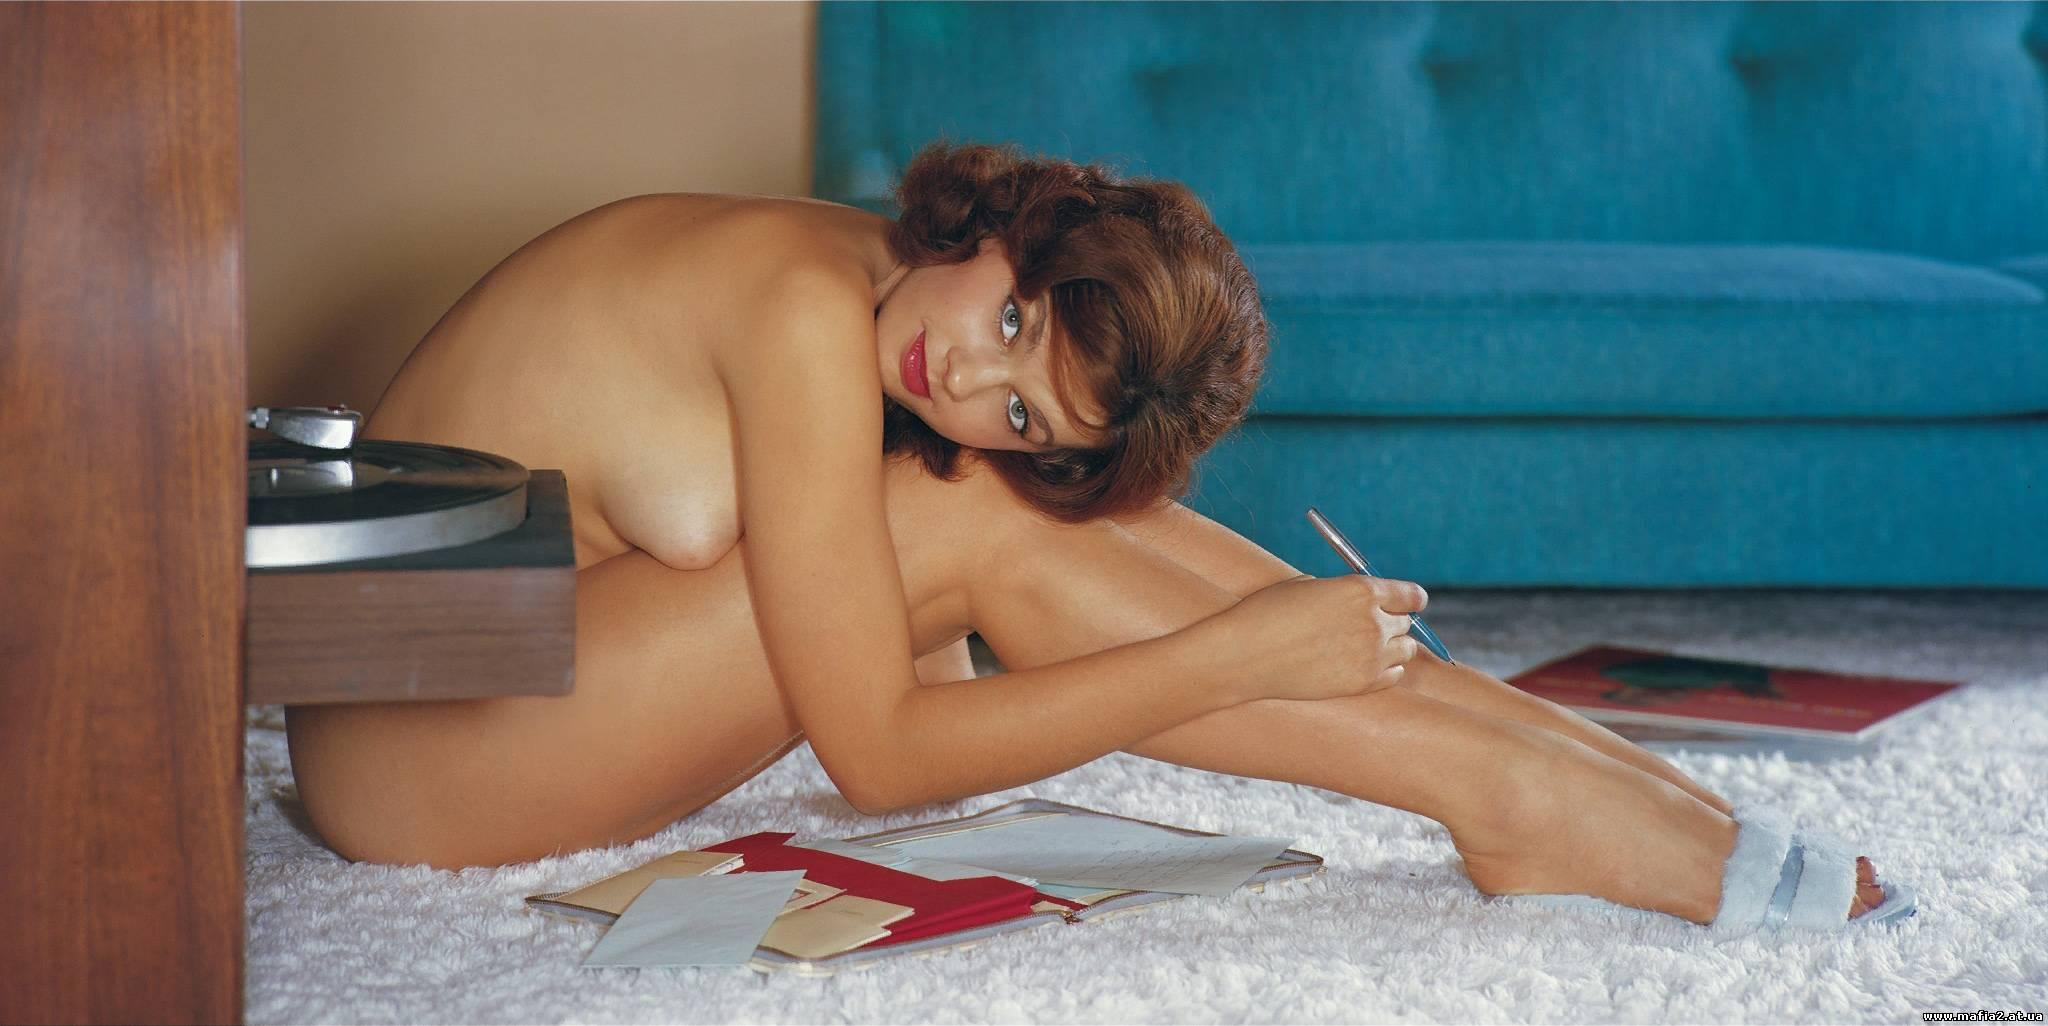 Сьюзан нильсен порно 7 фотография